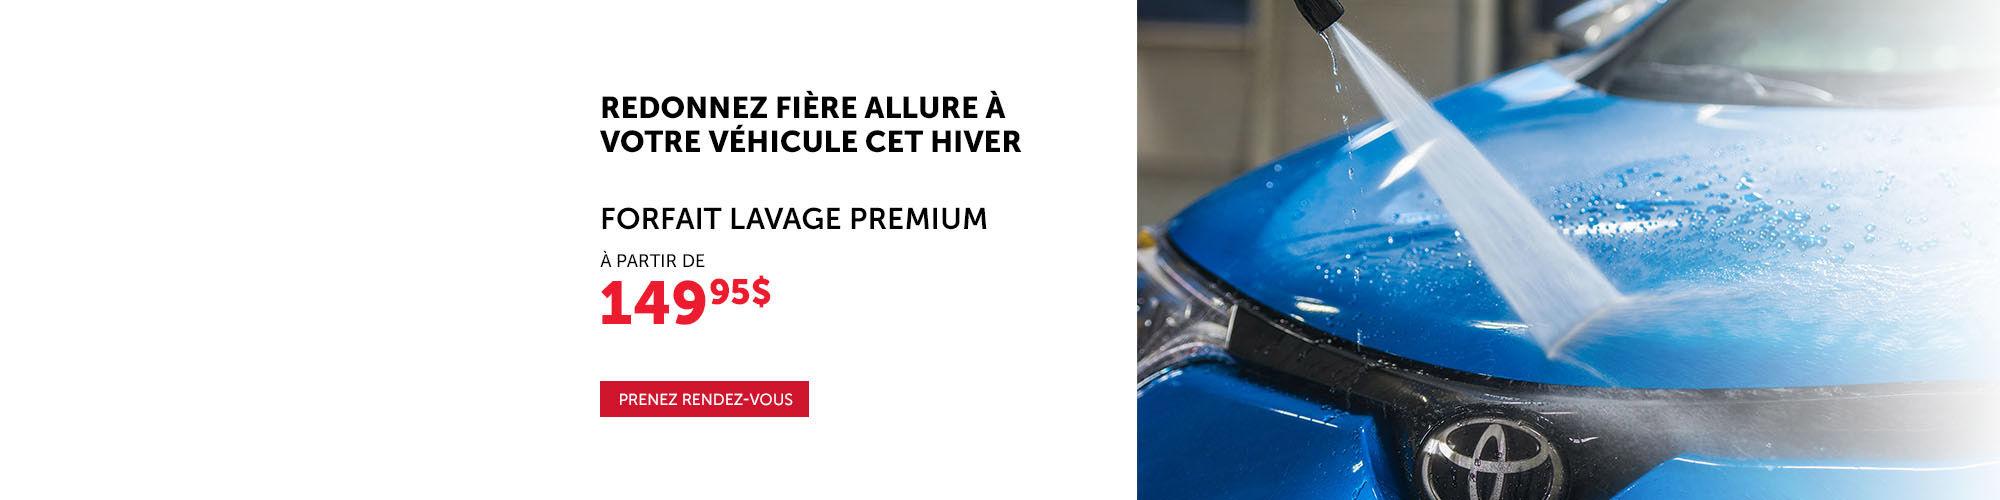 Forfait Lavage Premium